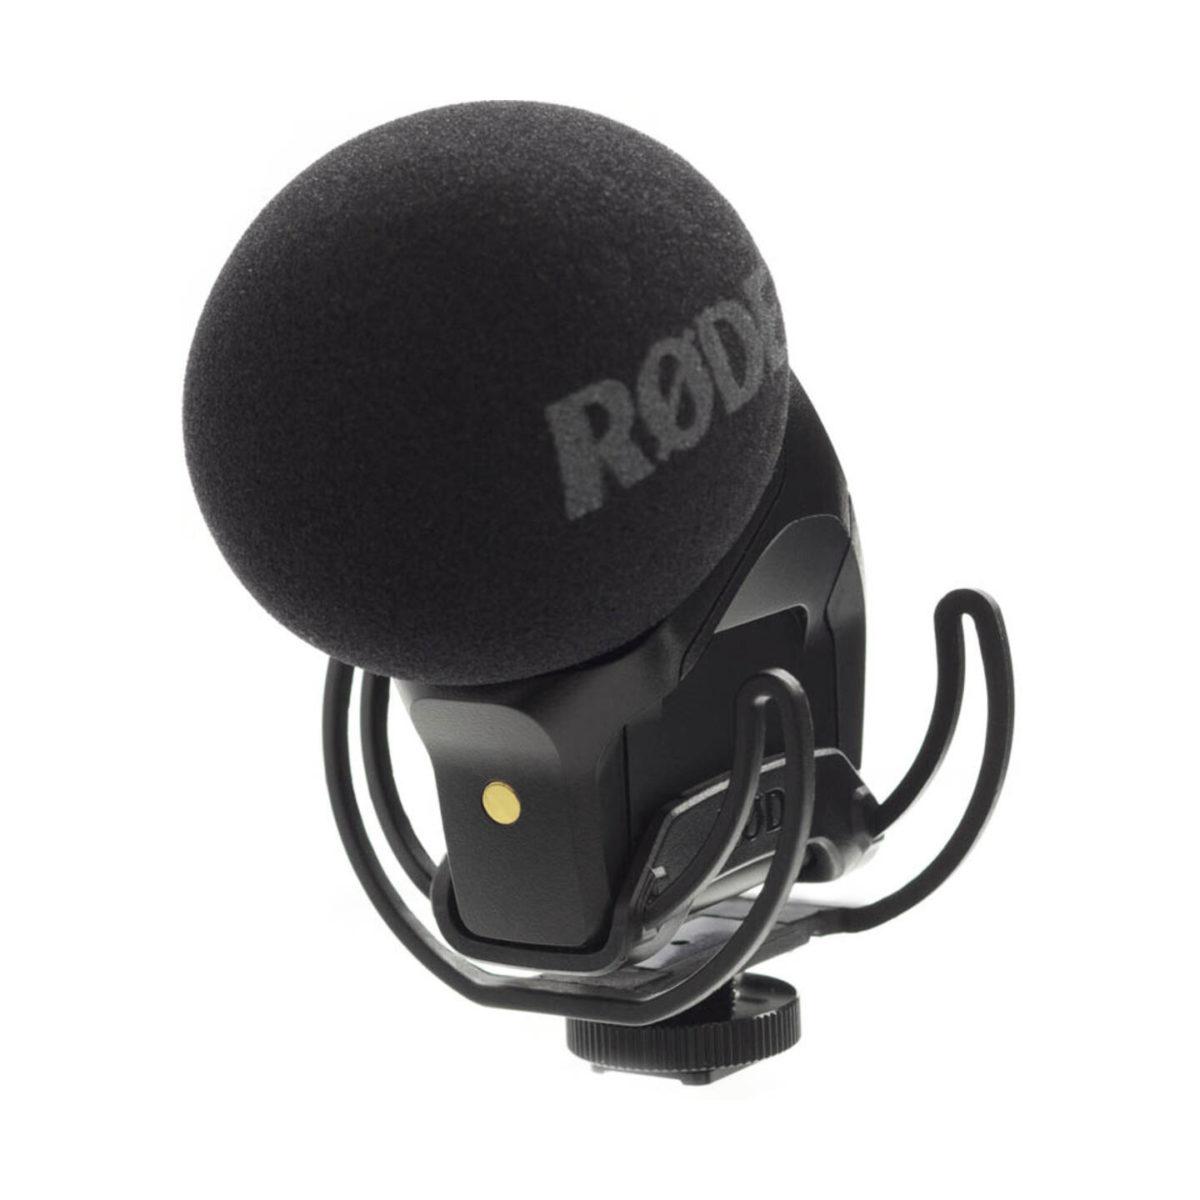 rode_stereo_videomic_pro_rycote_mikrofon_01